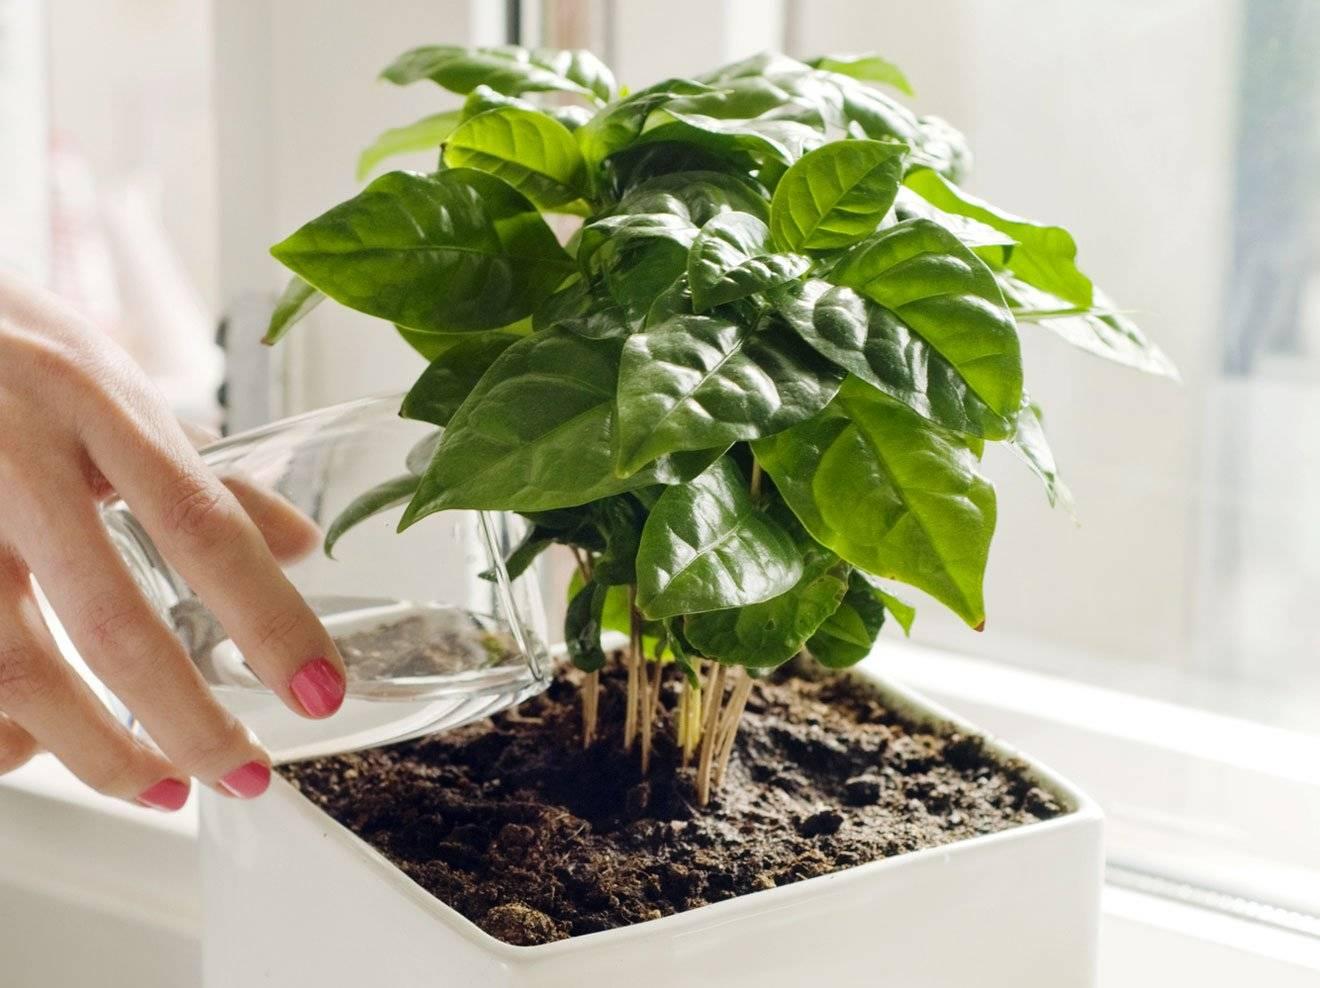 Грунт для кофейного дерева: как подобрать состав почвы и чем подкормить растение? selo.guru — интернет портал о сельском хозяйстве